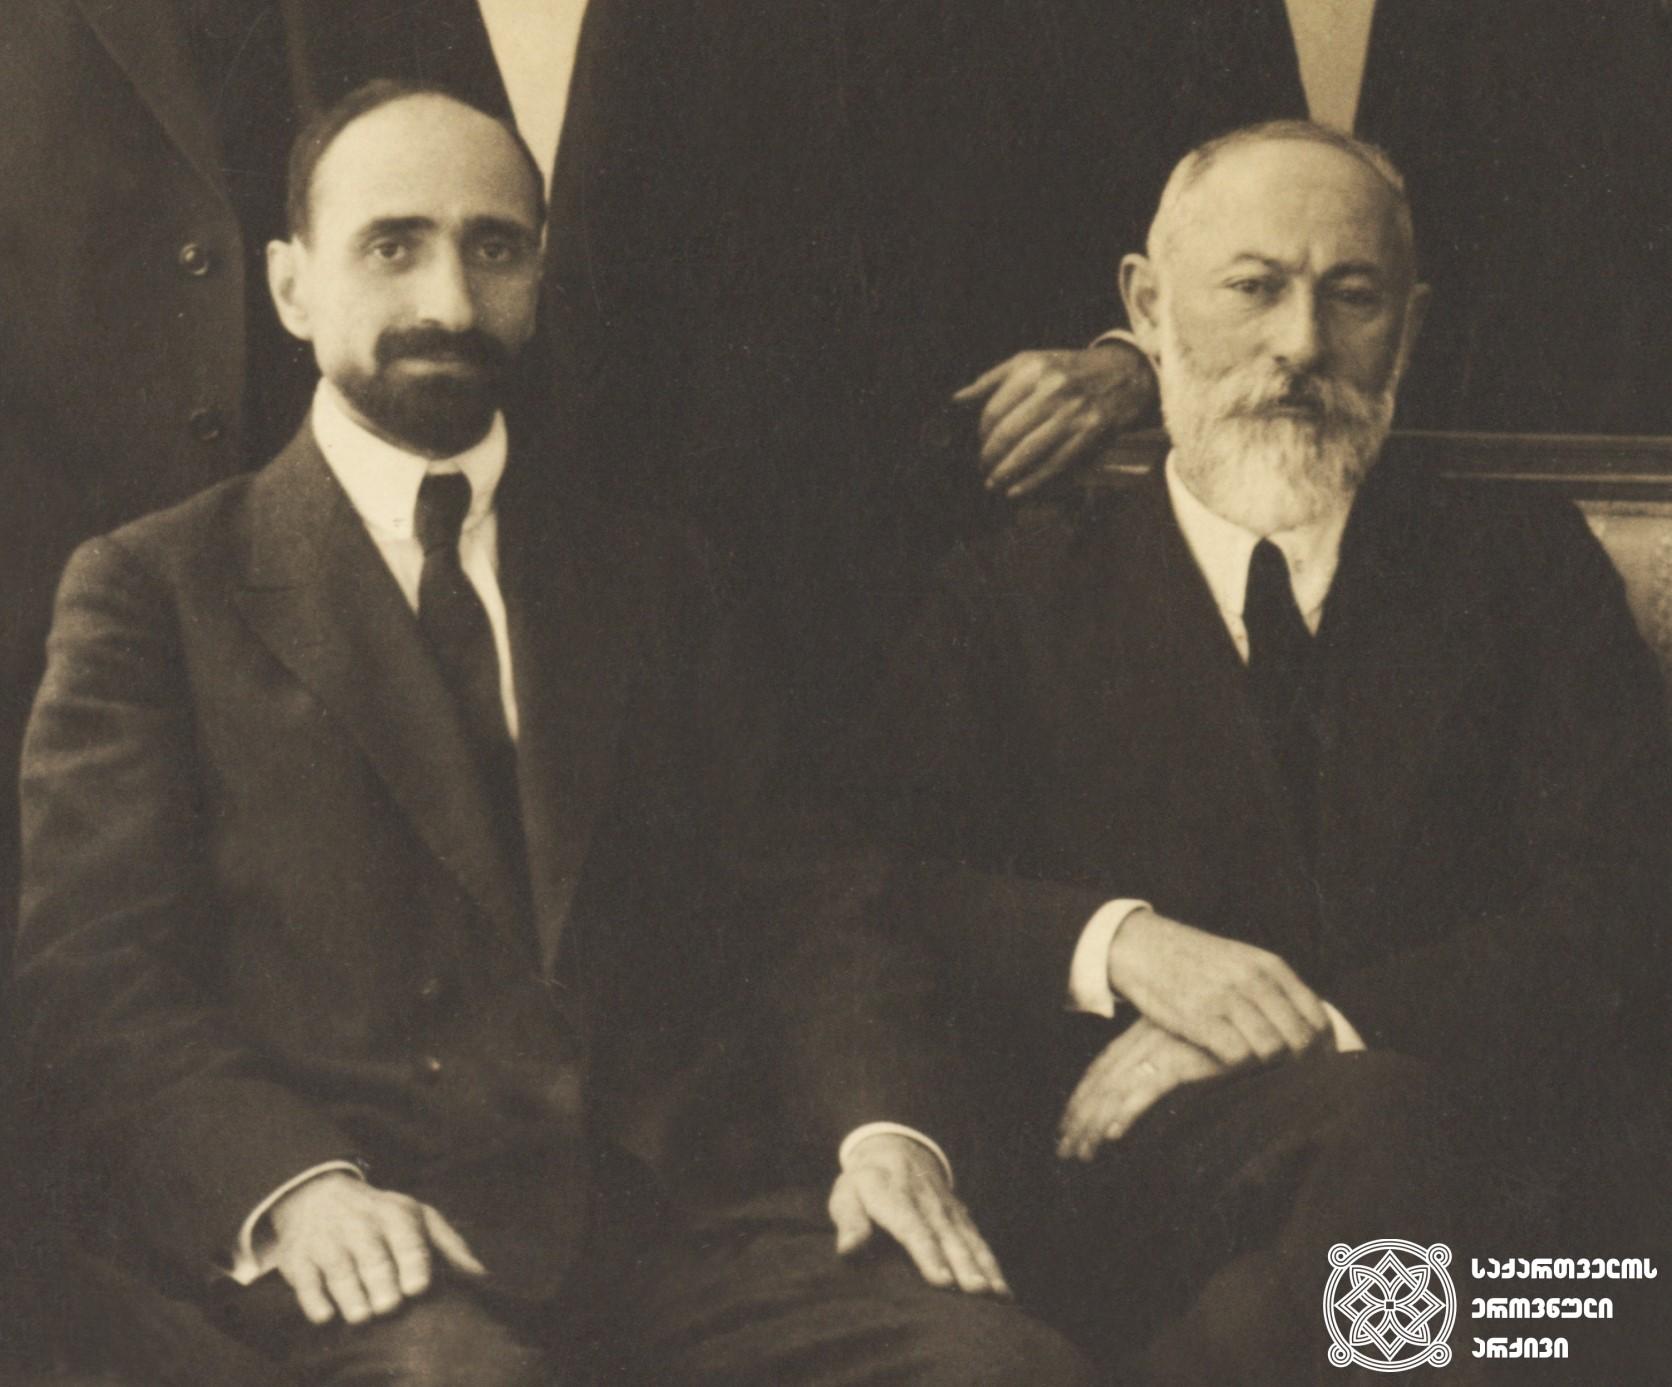 ნოე რამიშვილი (1881-1930) - საქართველოს რესპუბლიკის მთავრობის პირველი თავმჯდომარე (1918 წლის 26 მაისი-1918 წლის 24 ივლისი) <br> ნოე ჟორდანია (1868-1953) - საქართველოს რესპუბლიკის მთავრობის თავმჯდომარე <br> Noe Ramishvili (1881-1930) – The first chairman of the government of the First Republic of Georgia (26 May 1918 – 24 July 1918) <br> Noe Zhordania (1868-1953) – the chairman of the government of the Georgian Republic